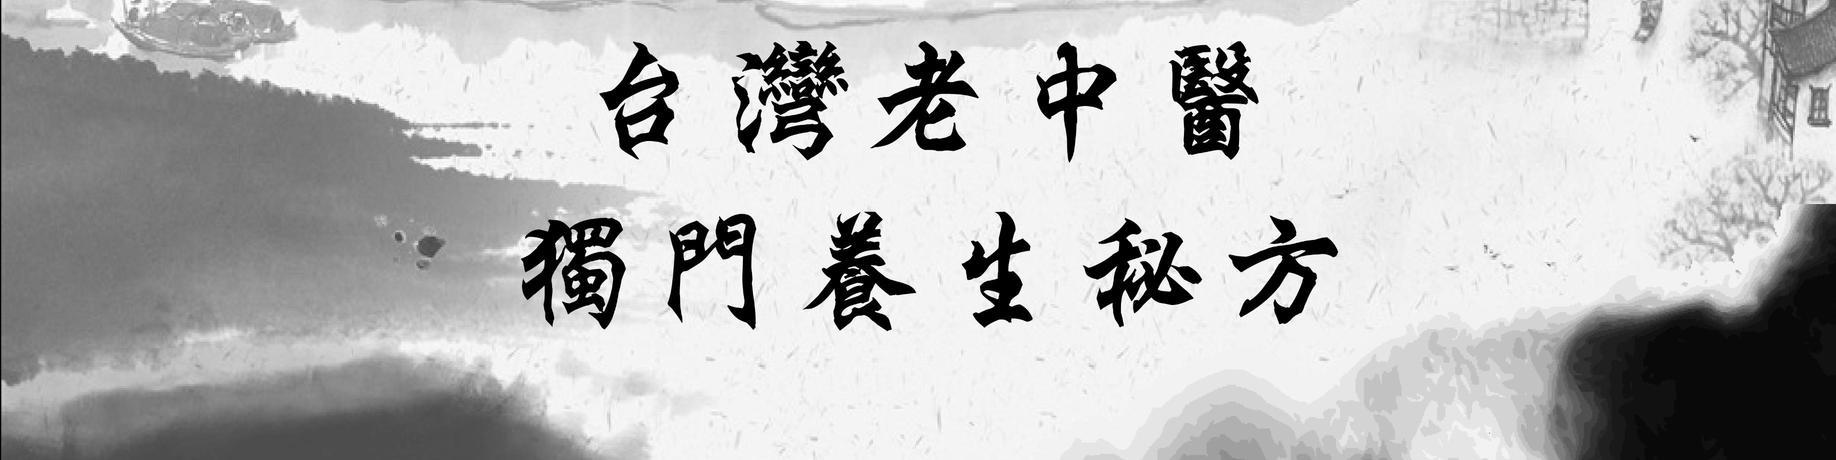 中醫師獨門養生秘技15堂課--學會穴道、氣功運動、食材調理